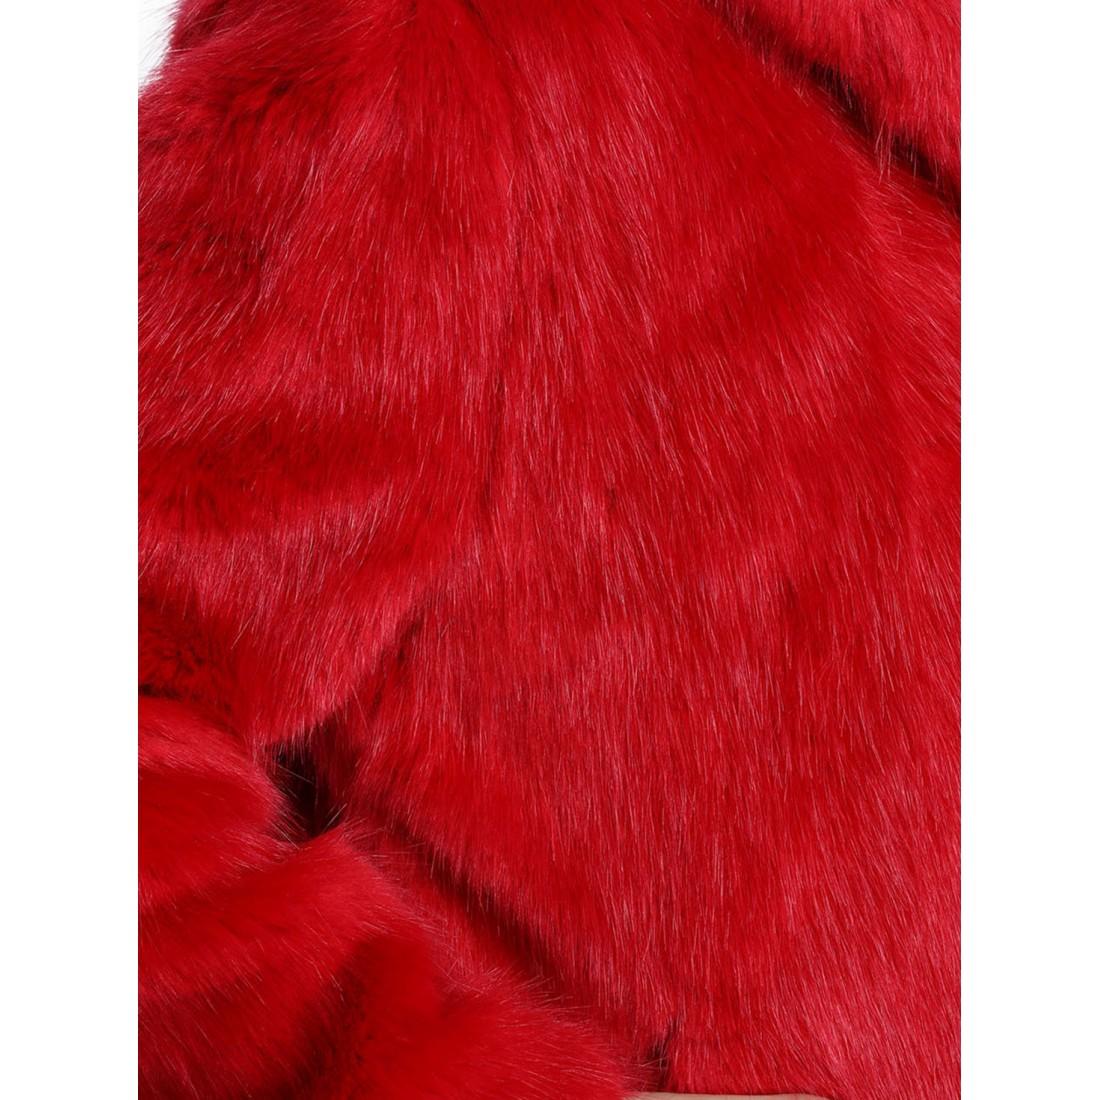 Fausse Fourrure Rouge : veste capuche en fausse fourrure femme oakwood electro 62407 rouge ~ Teatrodelosmanantiales.com Idées de Décoration